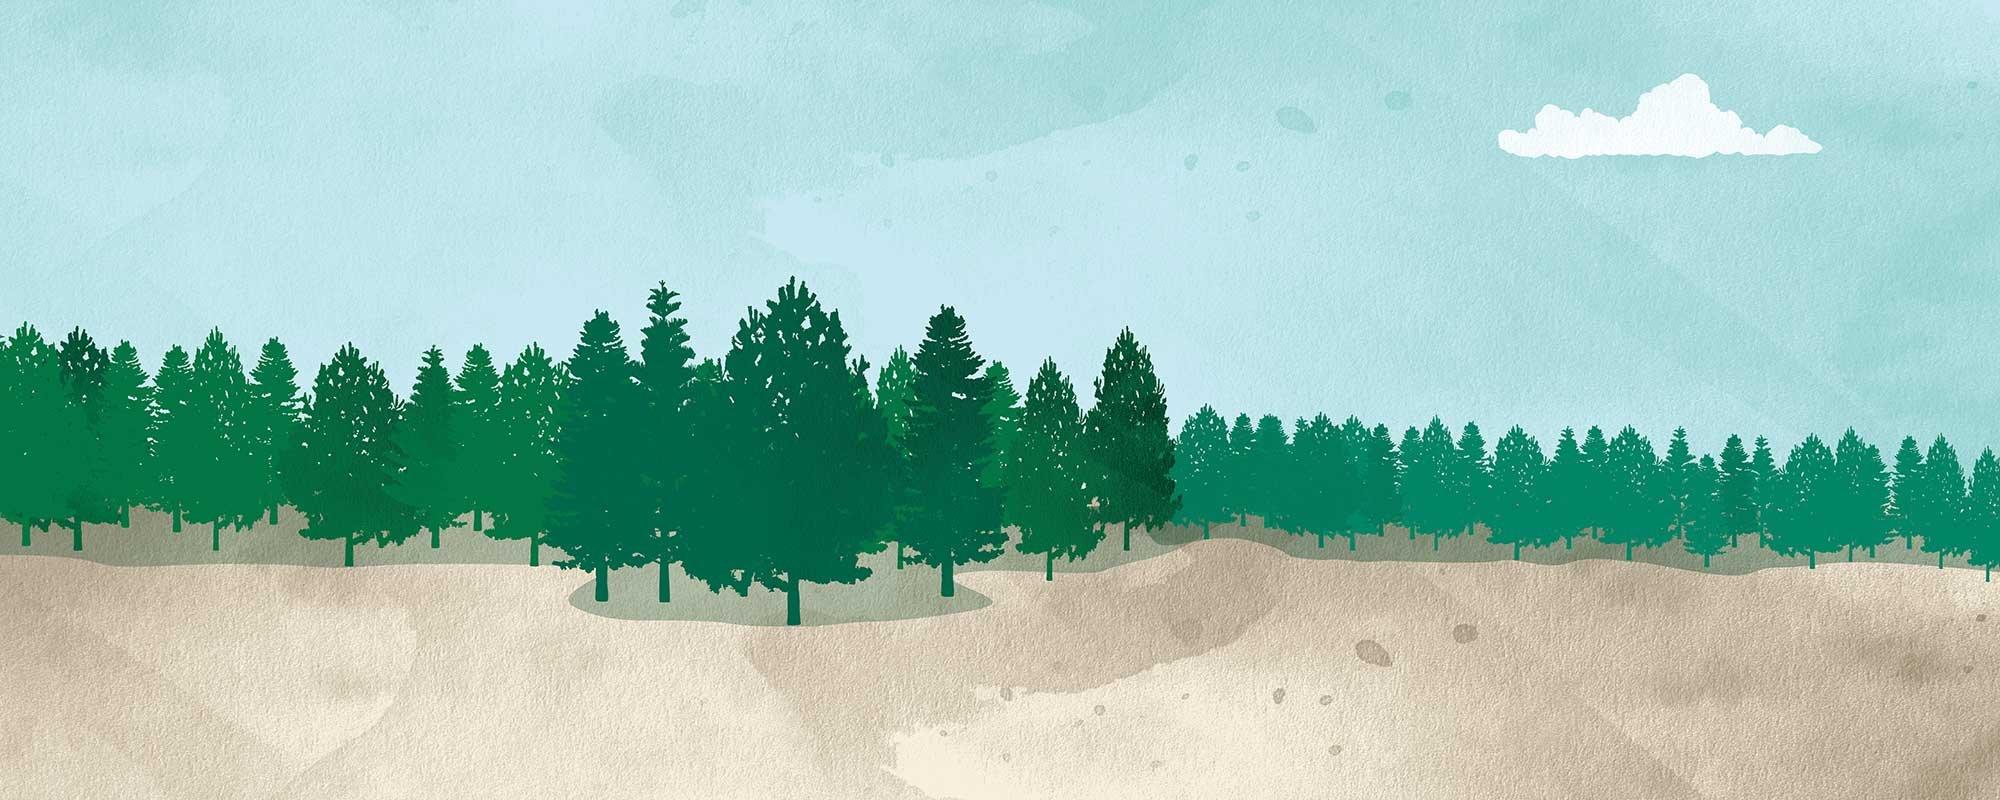 Kuvituskuva piirretty metsämaisema.